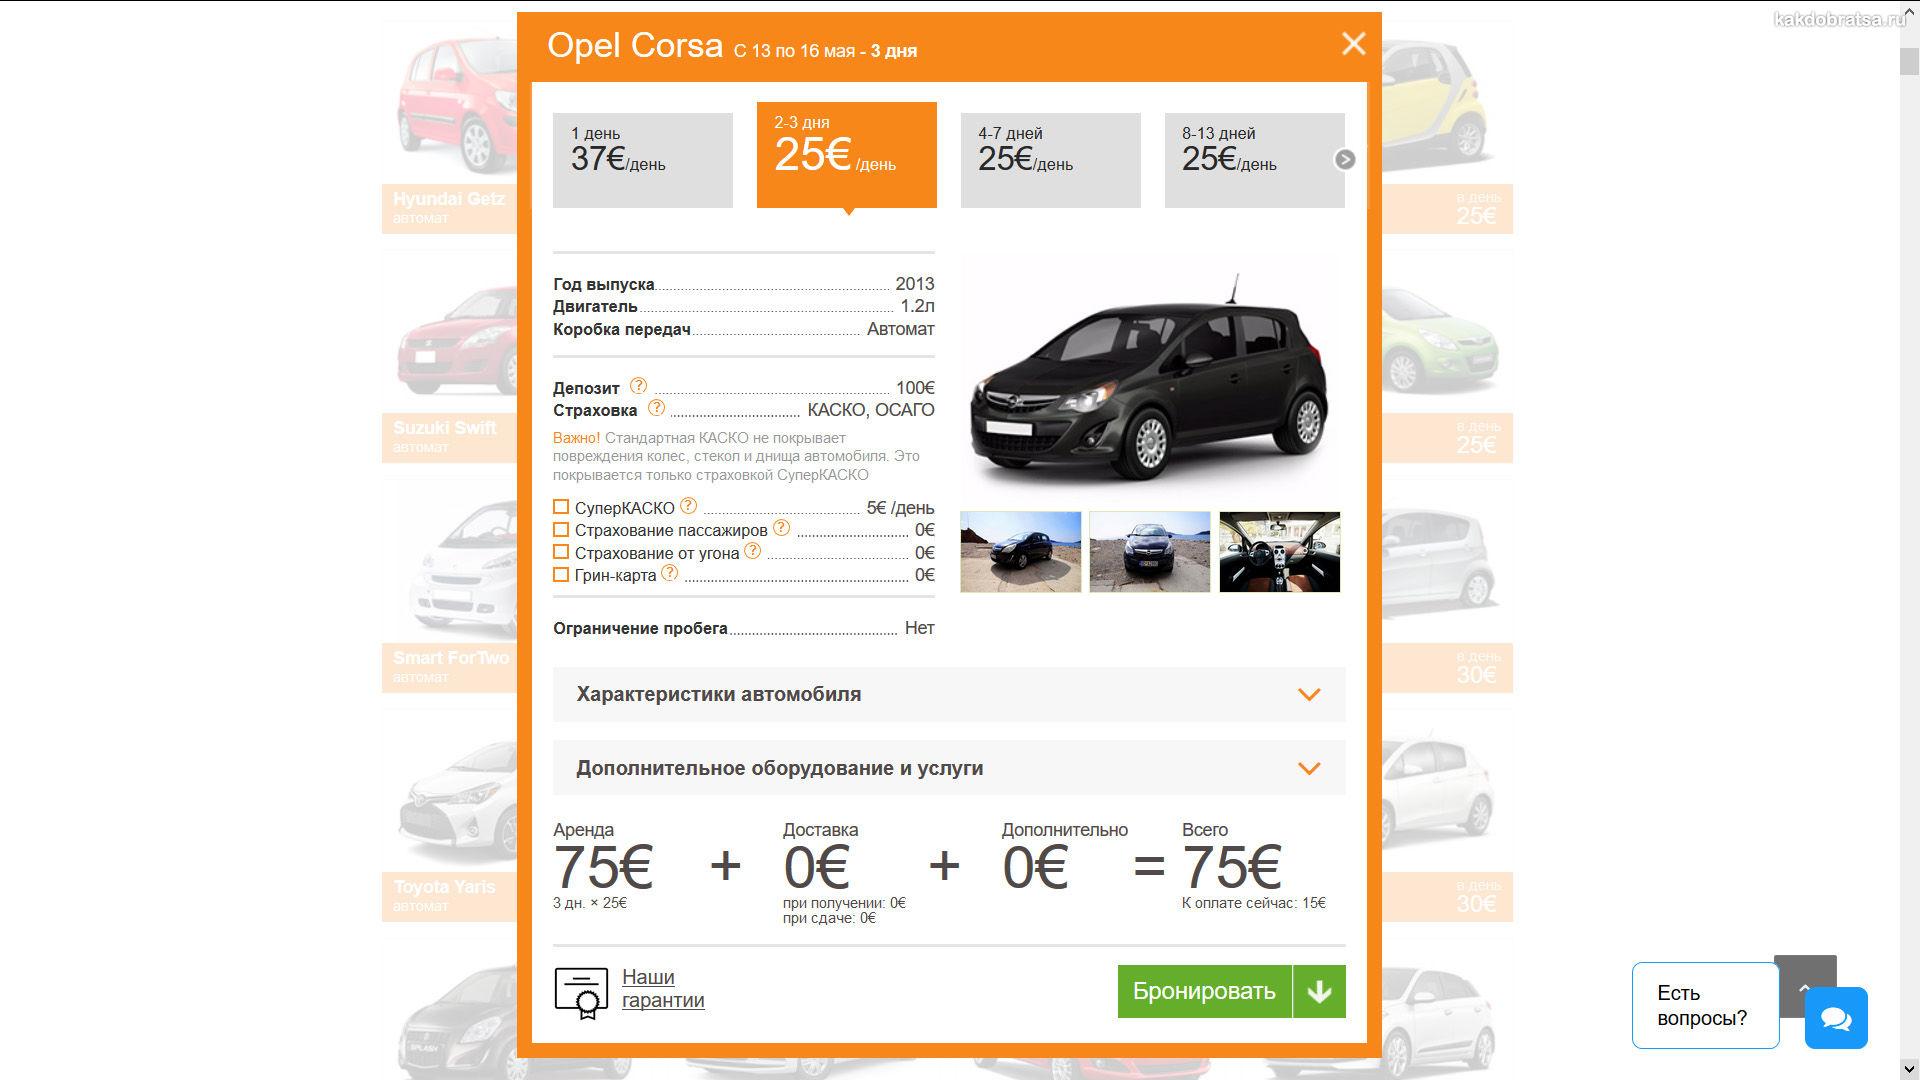 Opel Corsa аренда авто в Черногории личный опыт